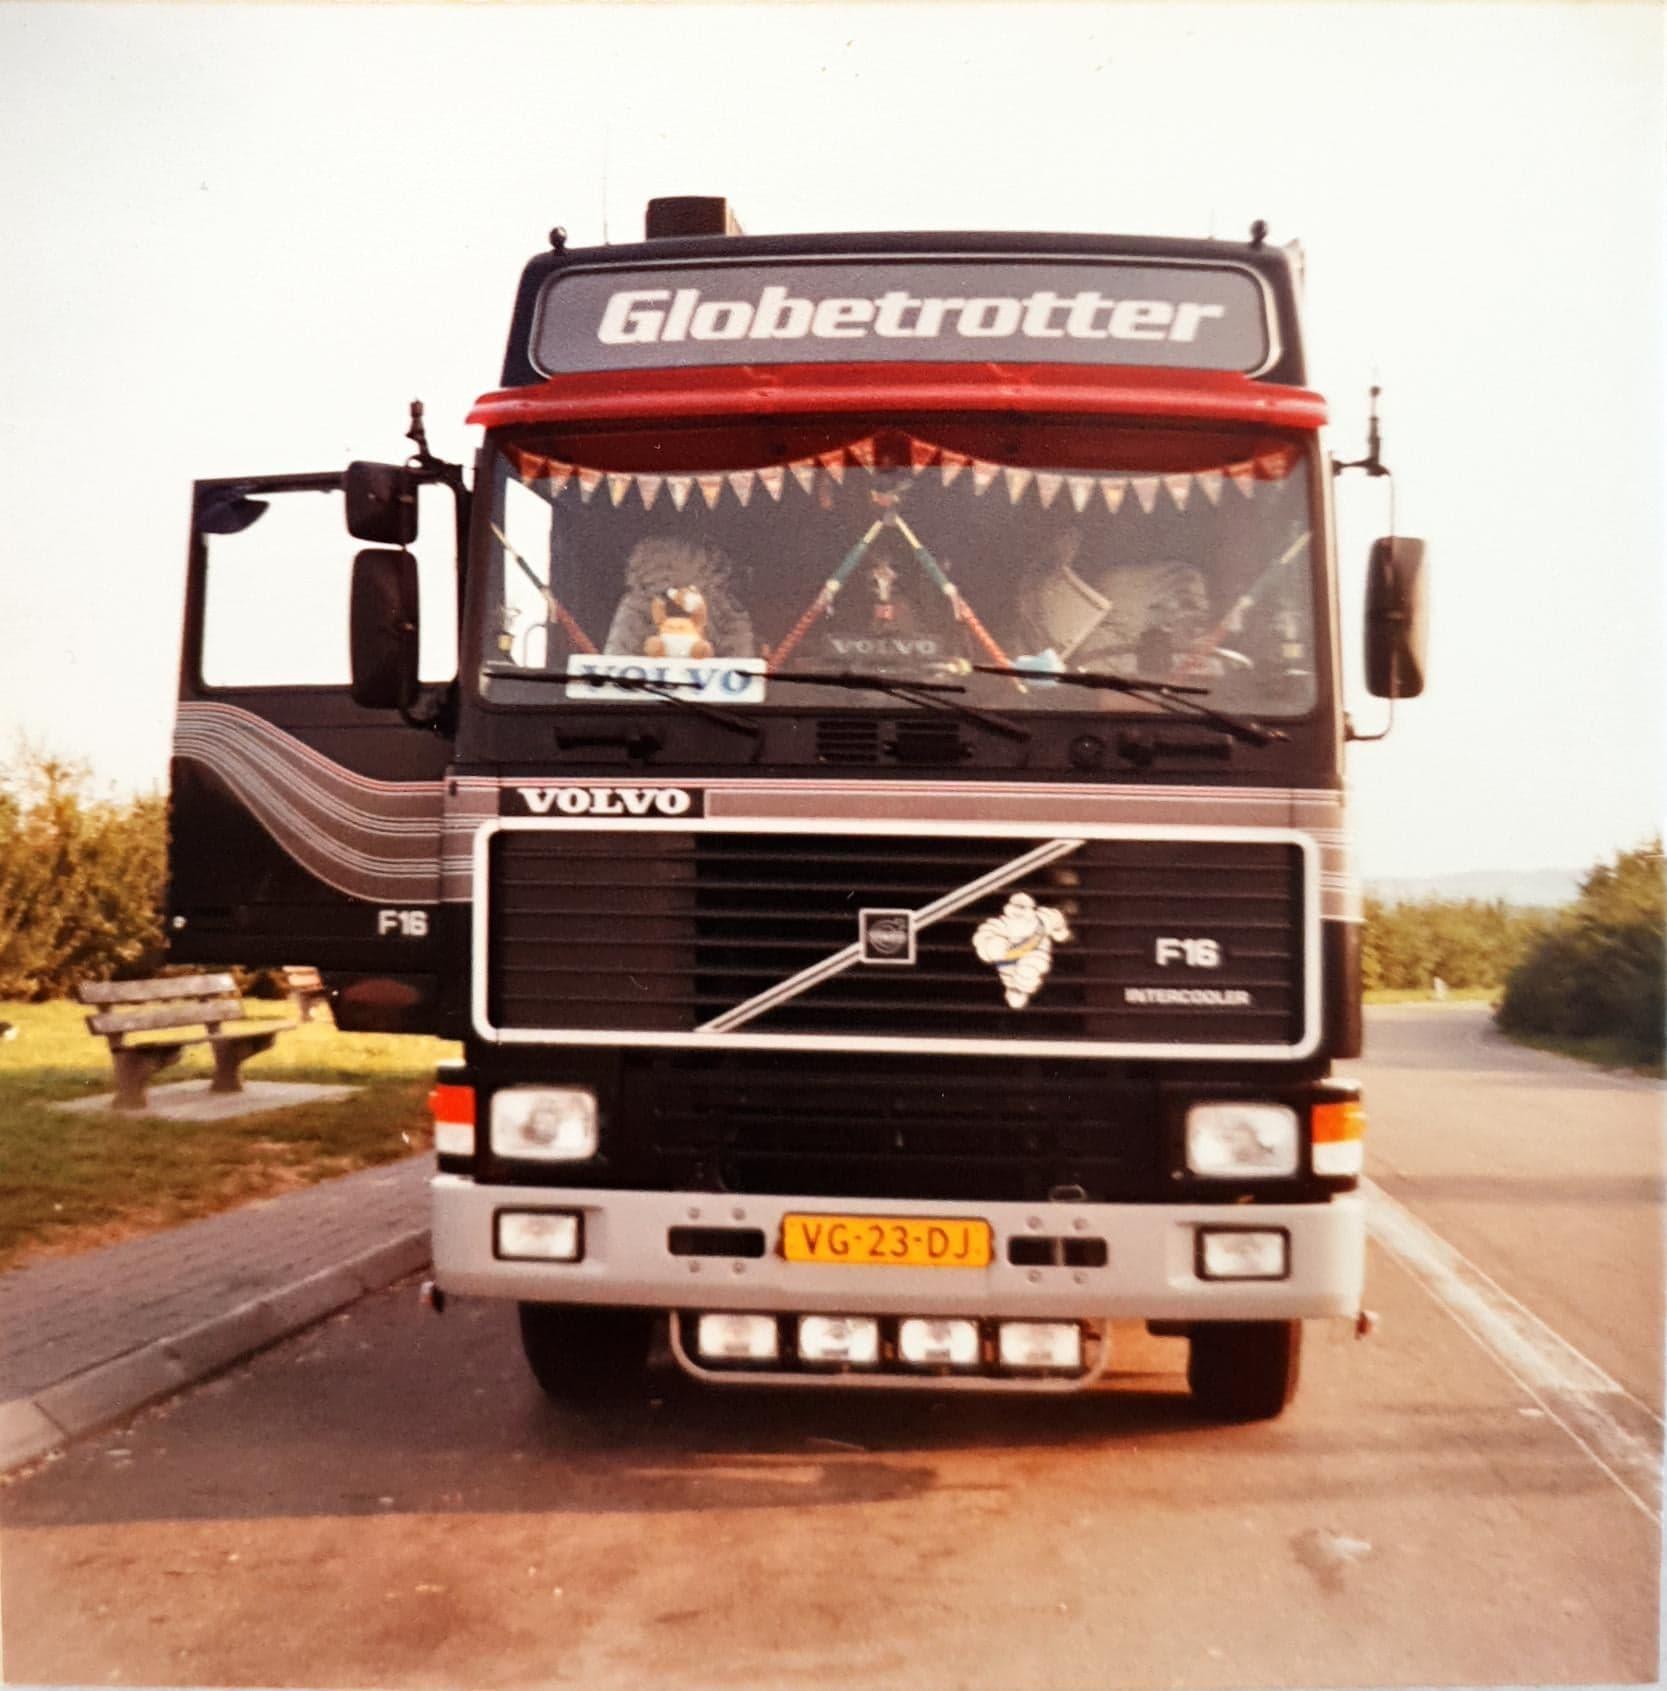 Claus-uit-Gava--Ger-archief-(9)